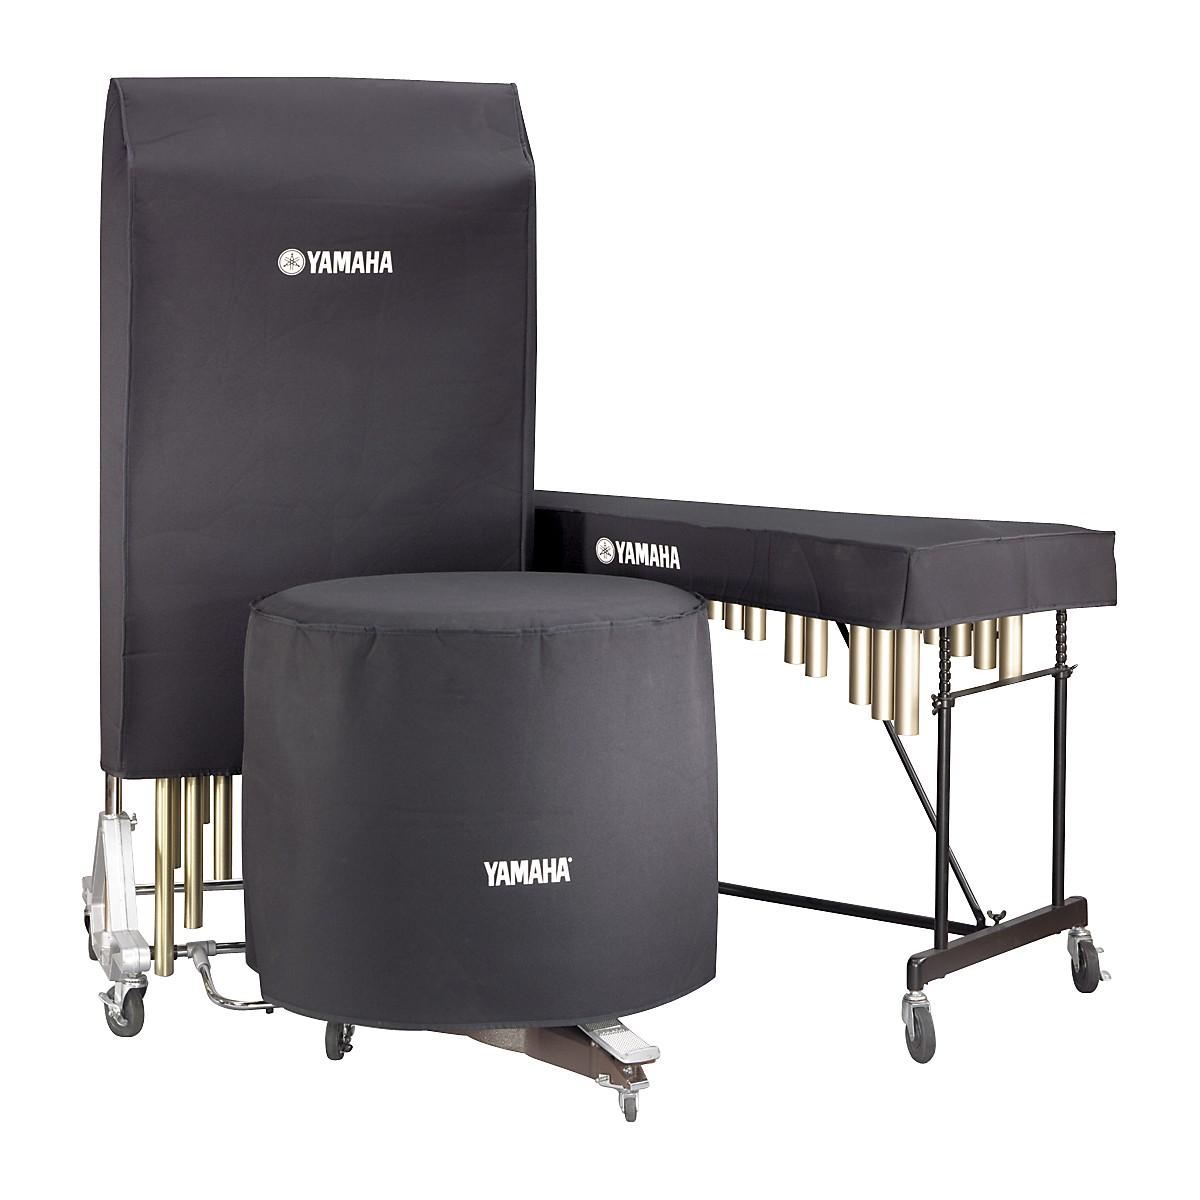 Yamaha Marimba Drop Cover for YM-5104